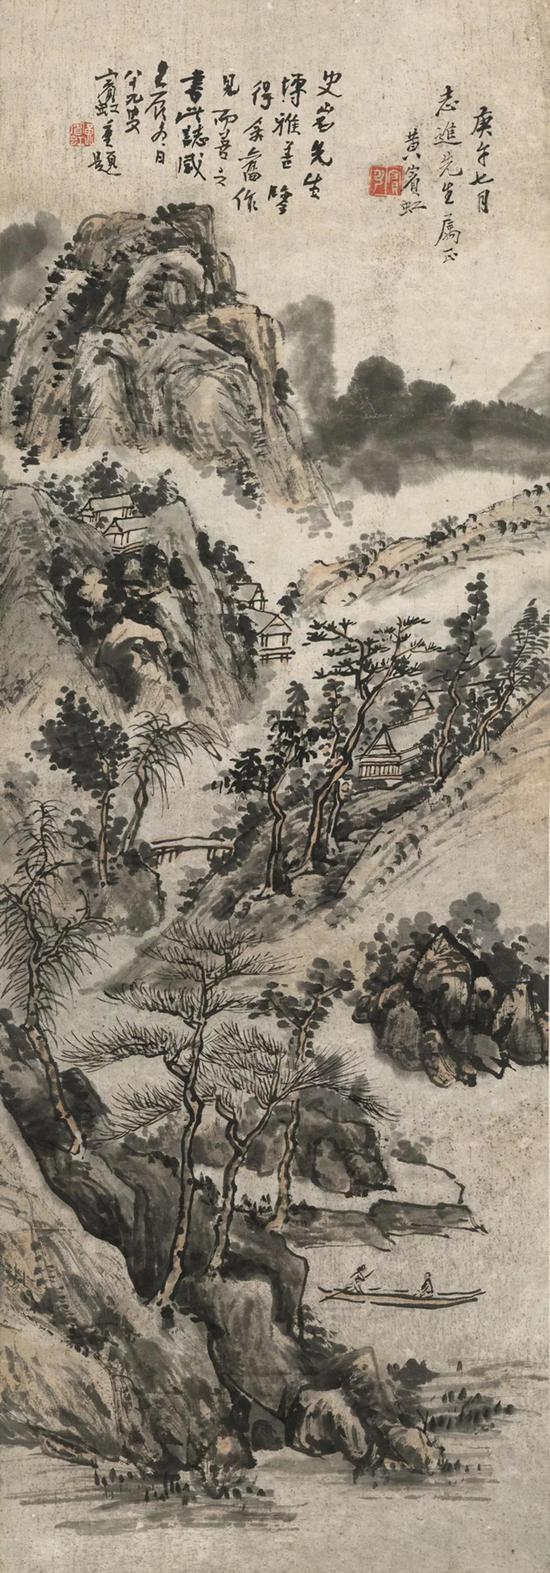 黄宾虹《赠史岩山水画》(中国美术学院美术馆藏)